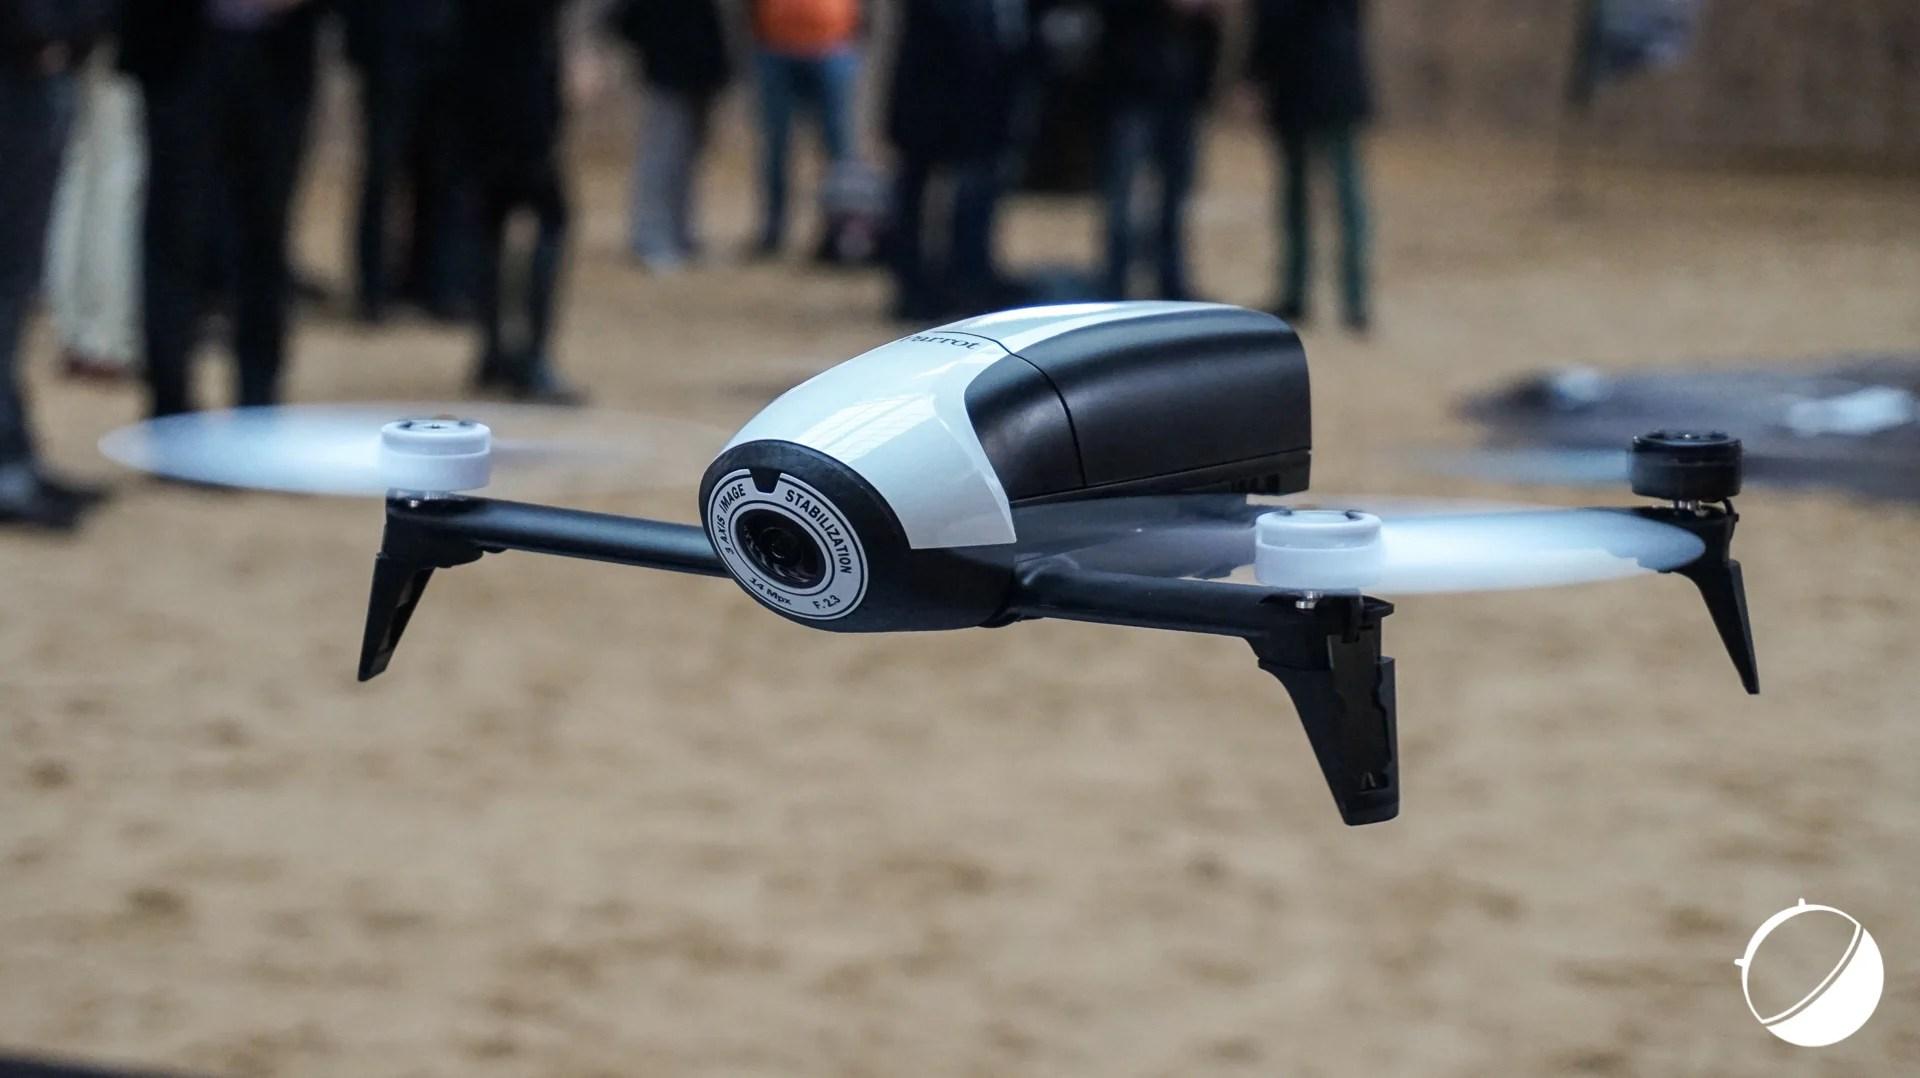 Prise en main du drone Parrot Bebop 2, avec un semblant de follow me